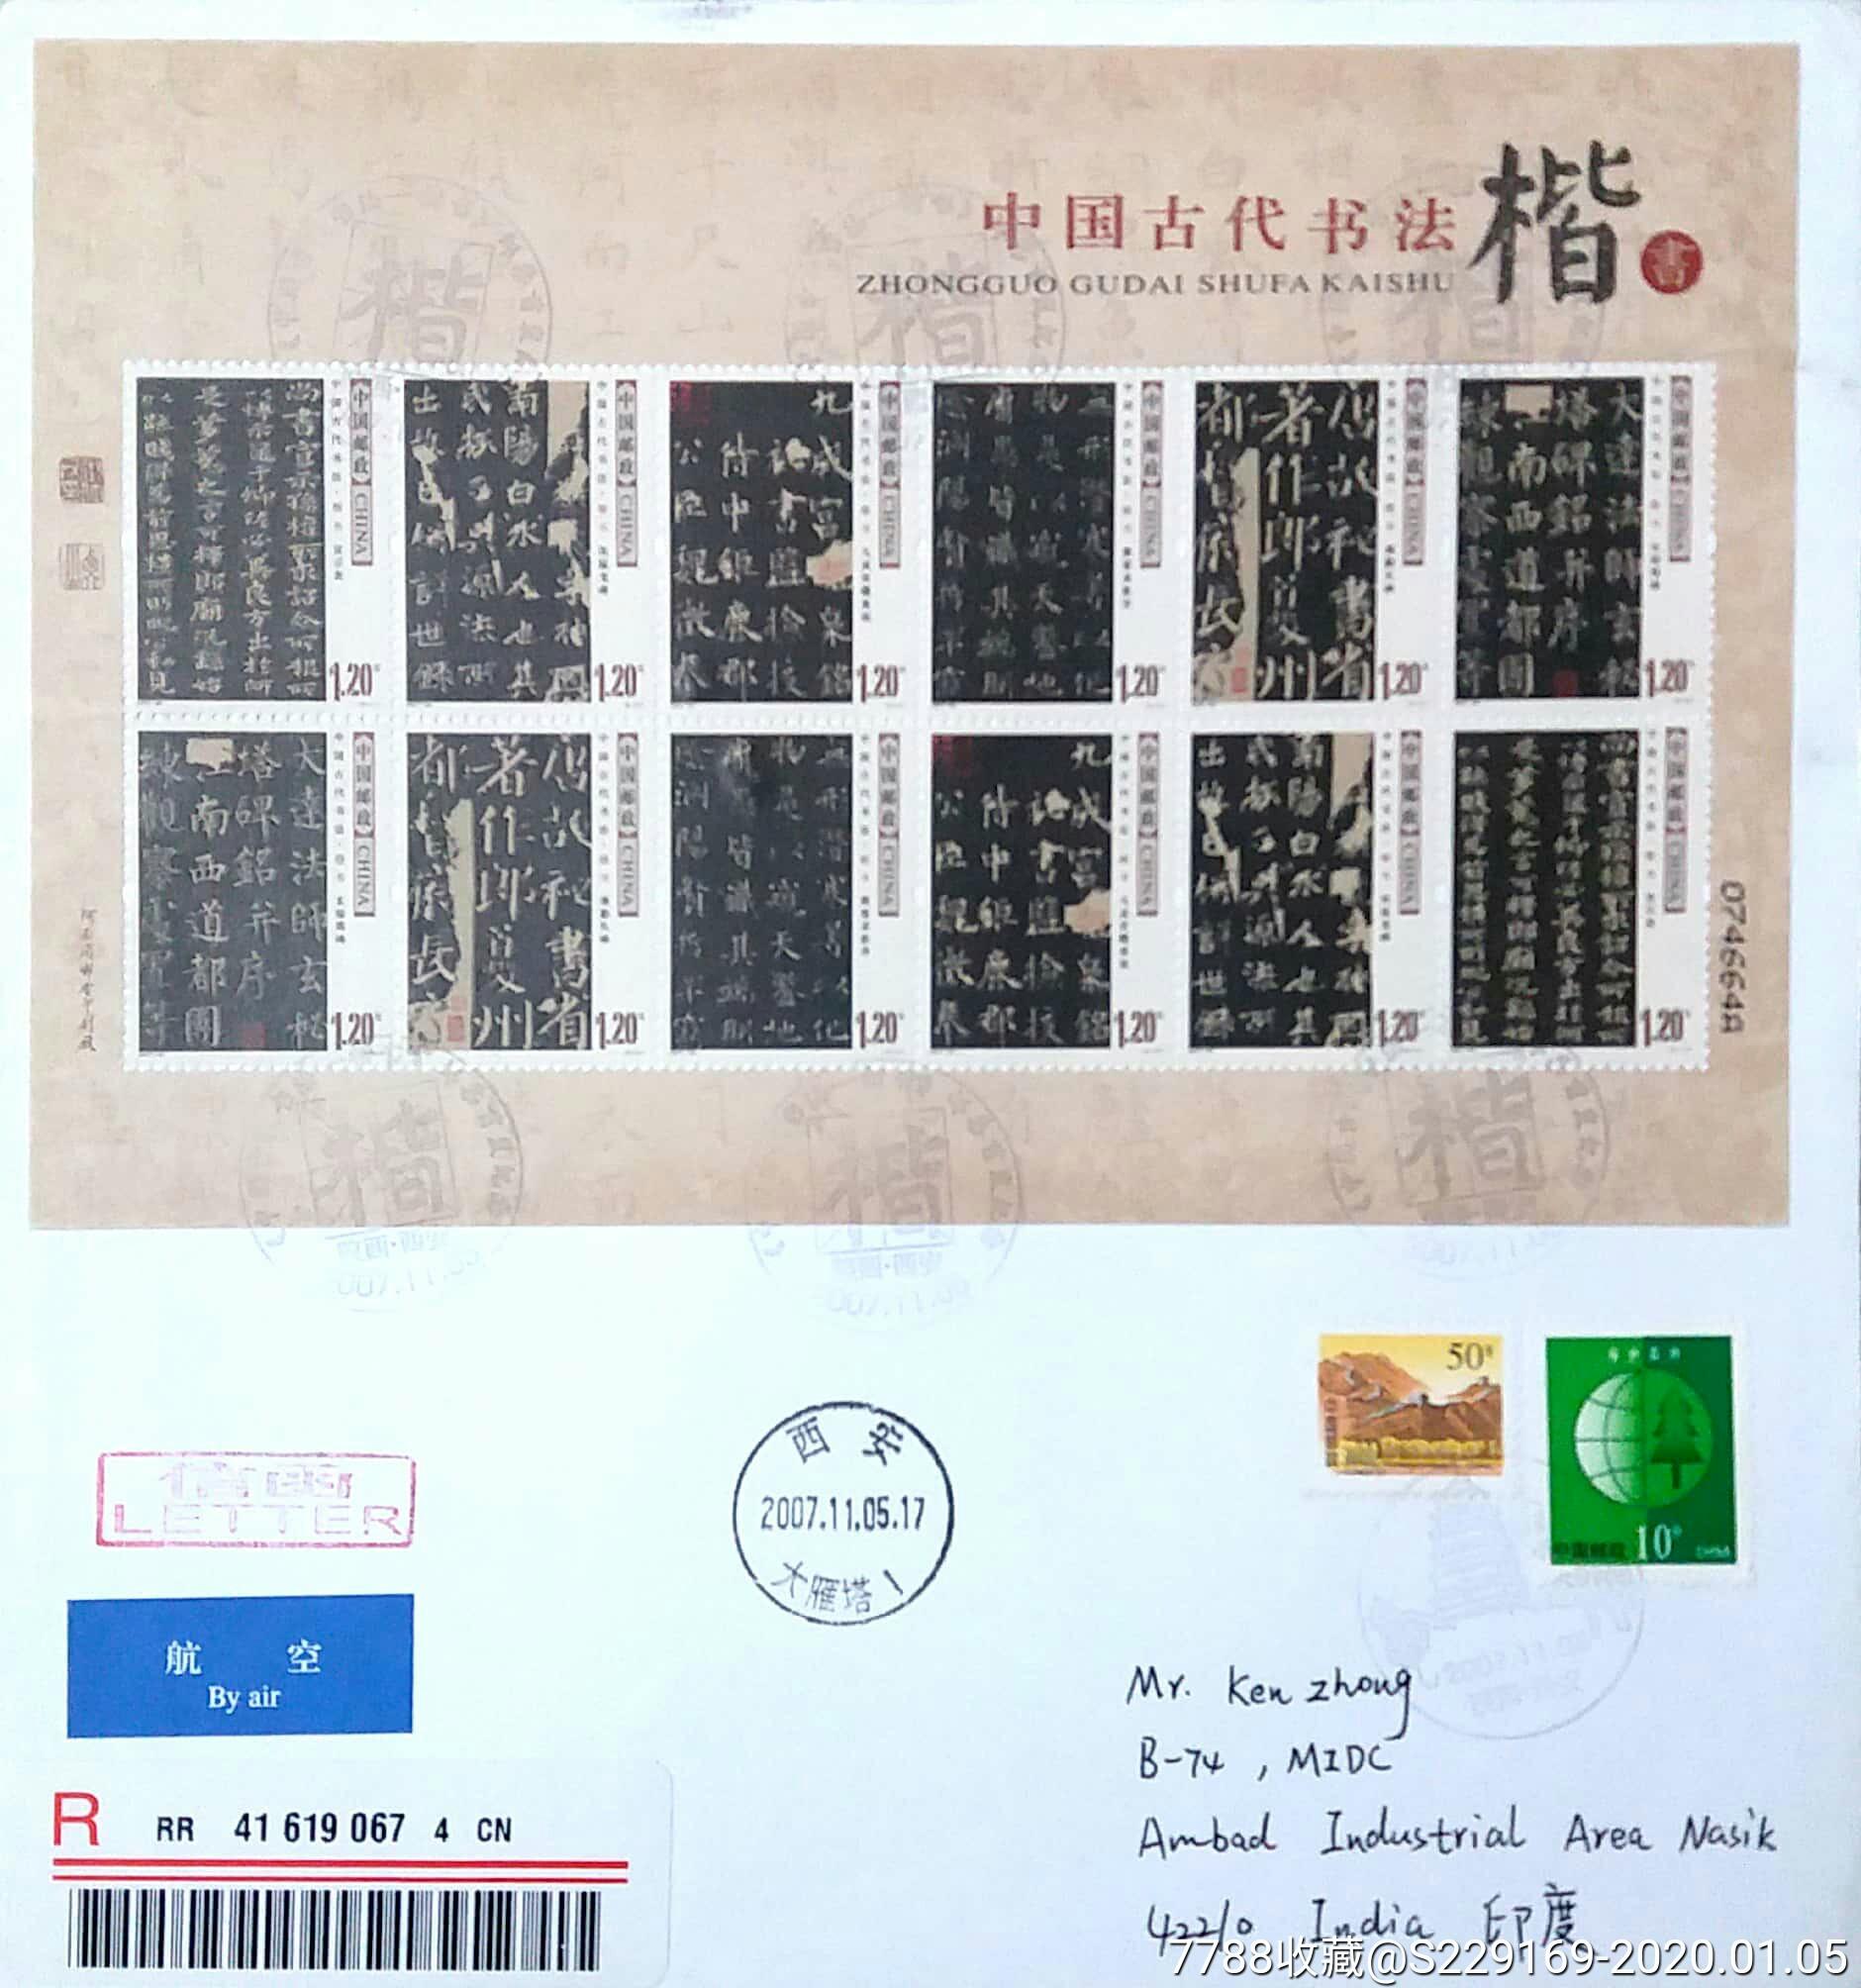 【1元起拍】2007-30《中��古代��法-楷��》小版��西安大雁塔原地首日�旒挠《�(au22080652)_